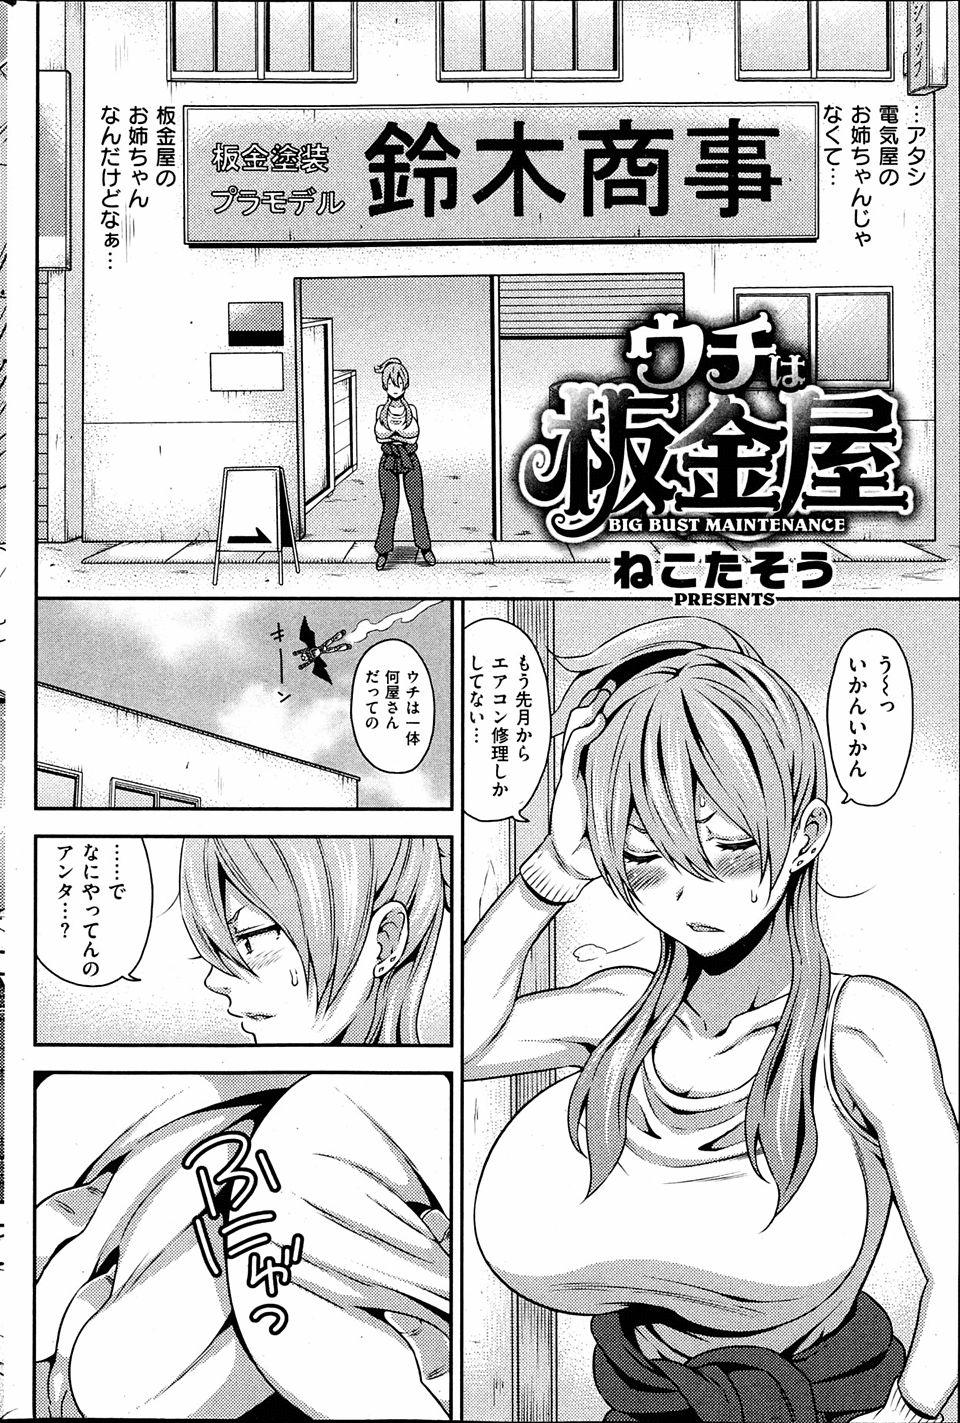 【エロ漫画・エロ同人誌】巨乳社長が従業員の外人にエッチな事されてるwww (2)